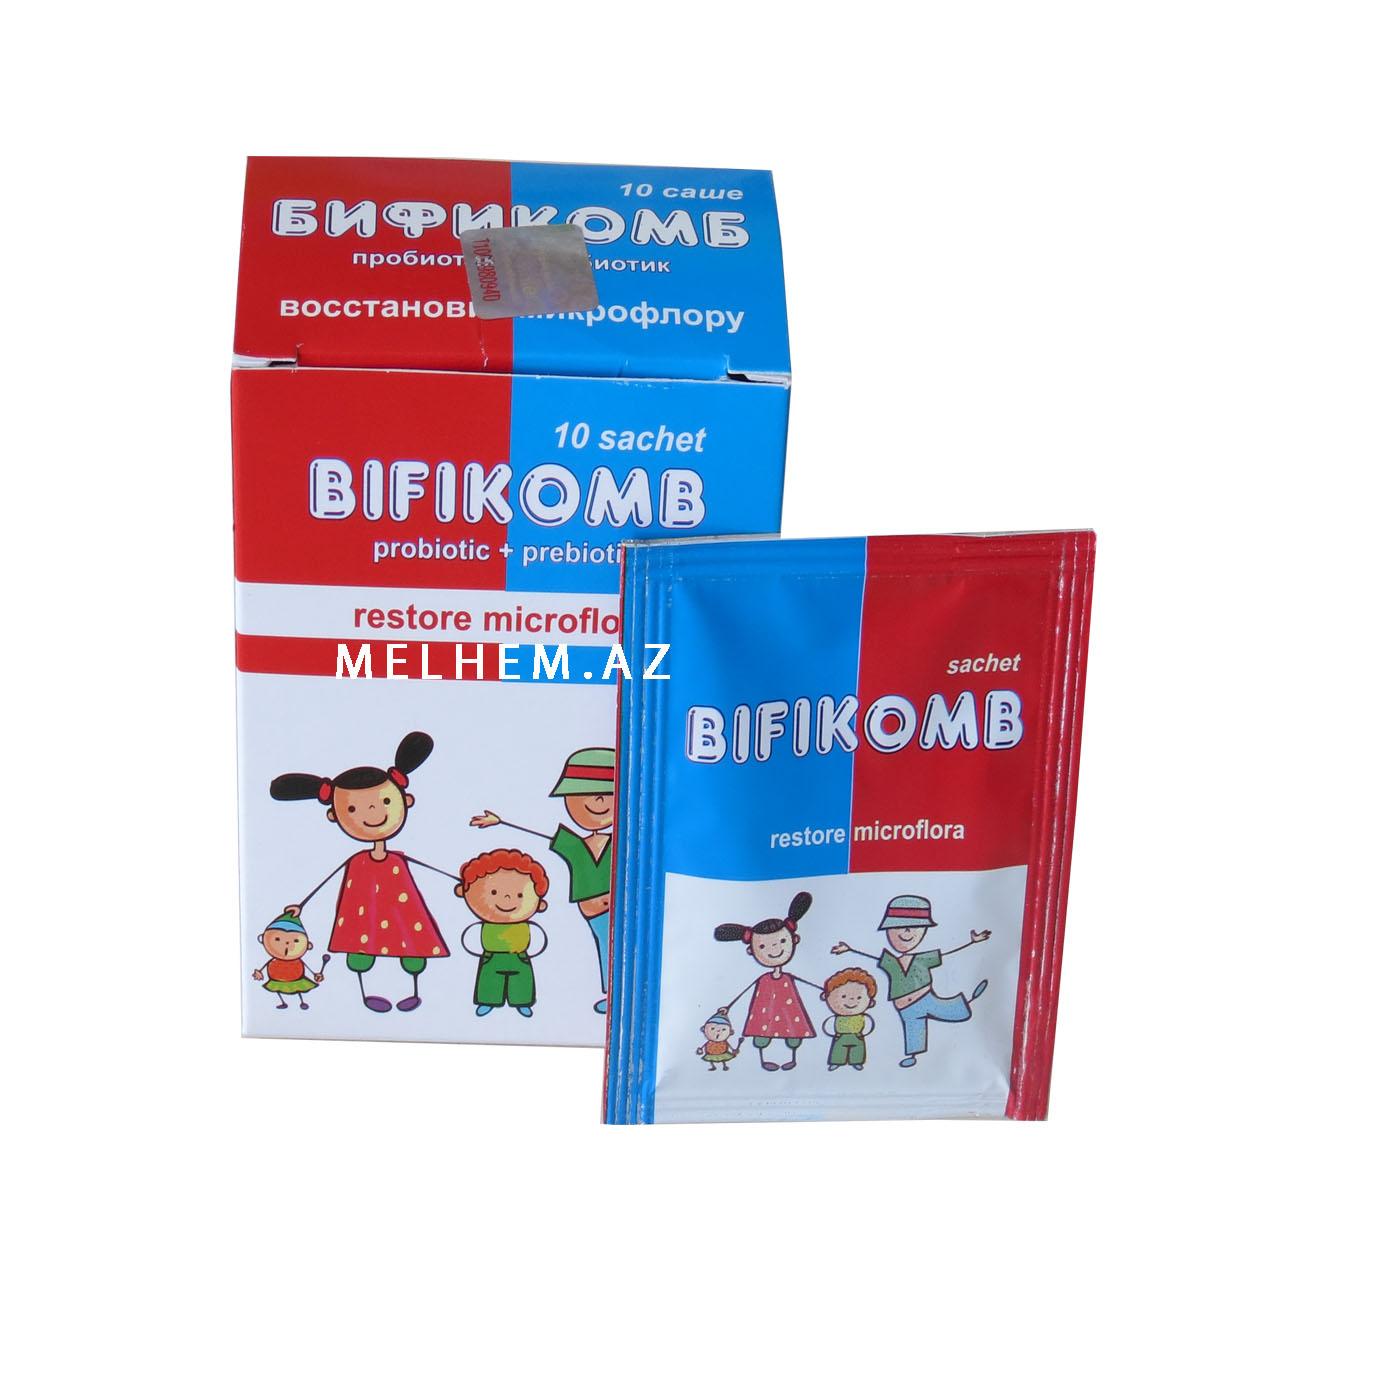 BIFIKOMB